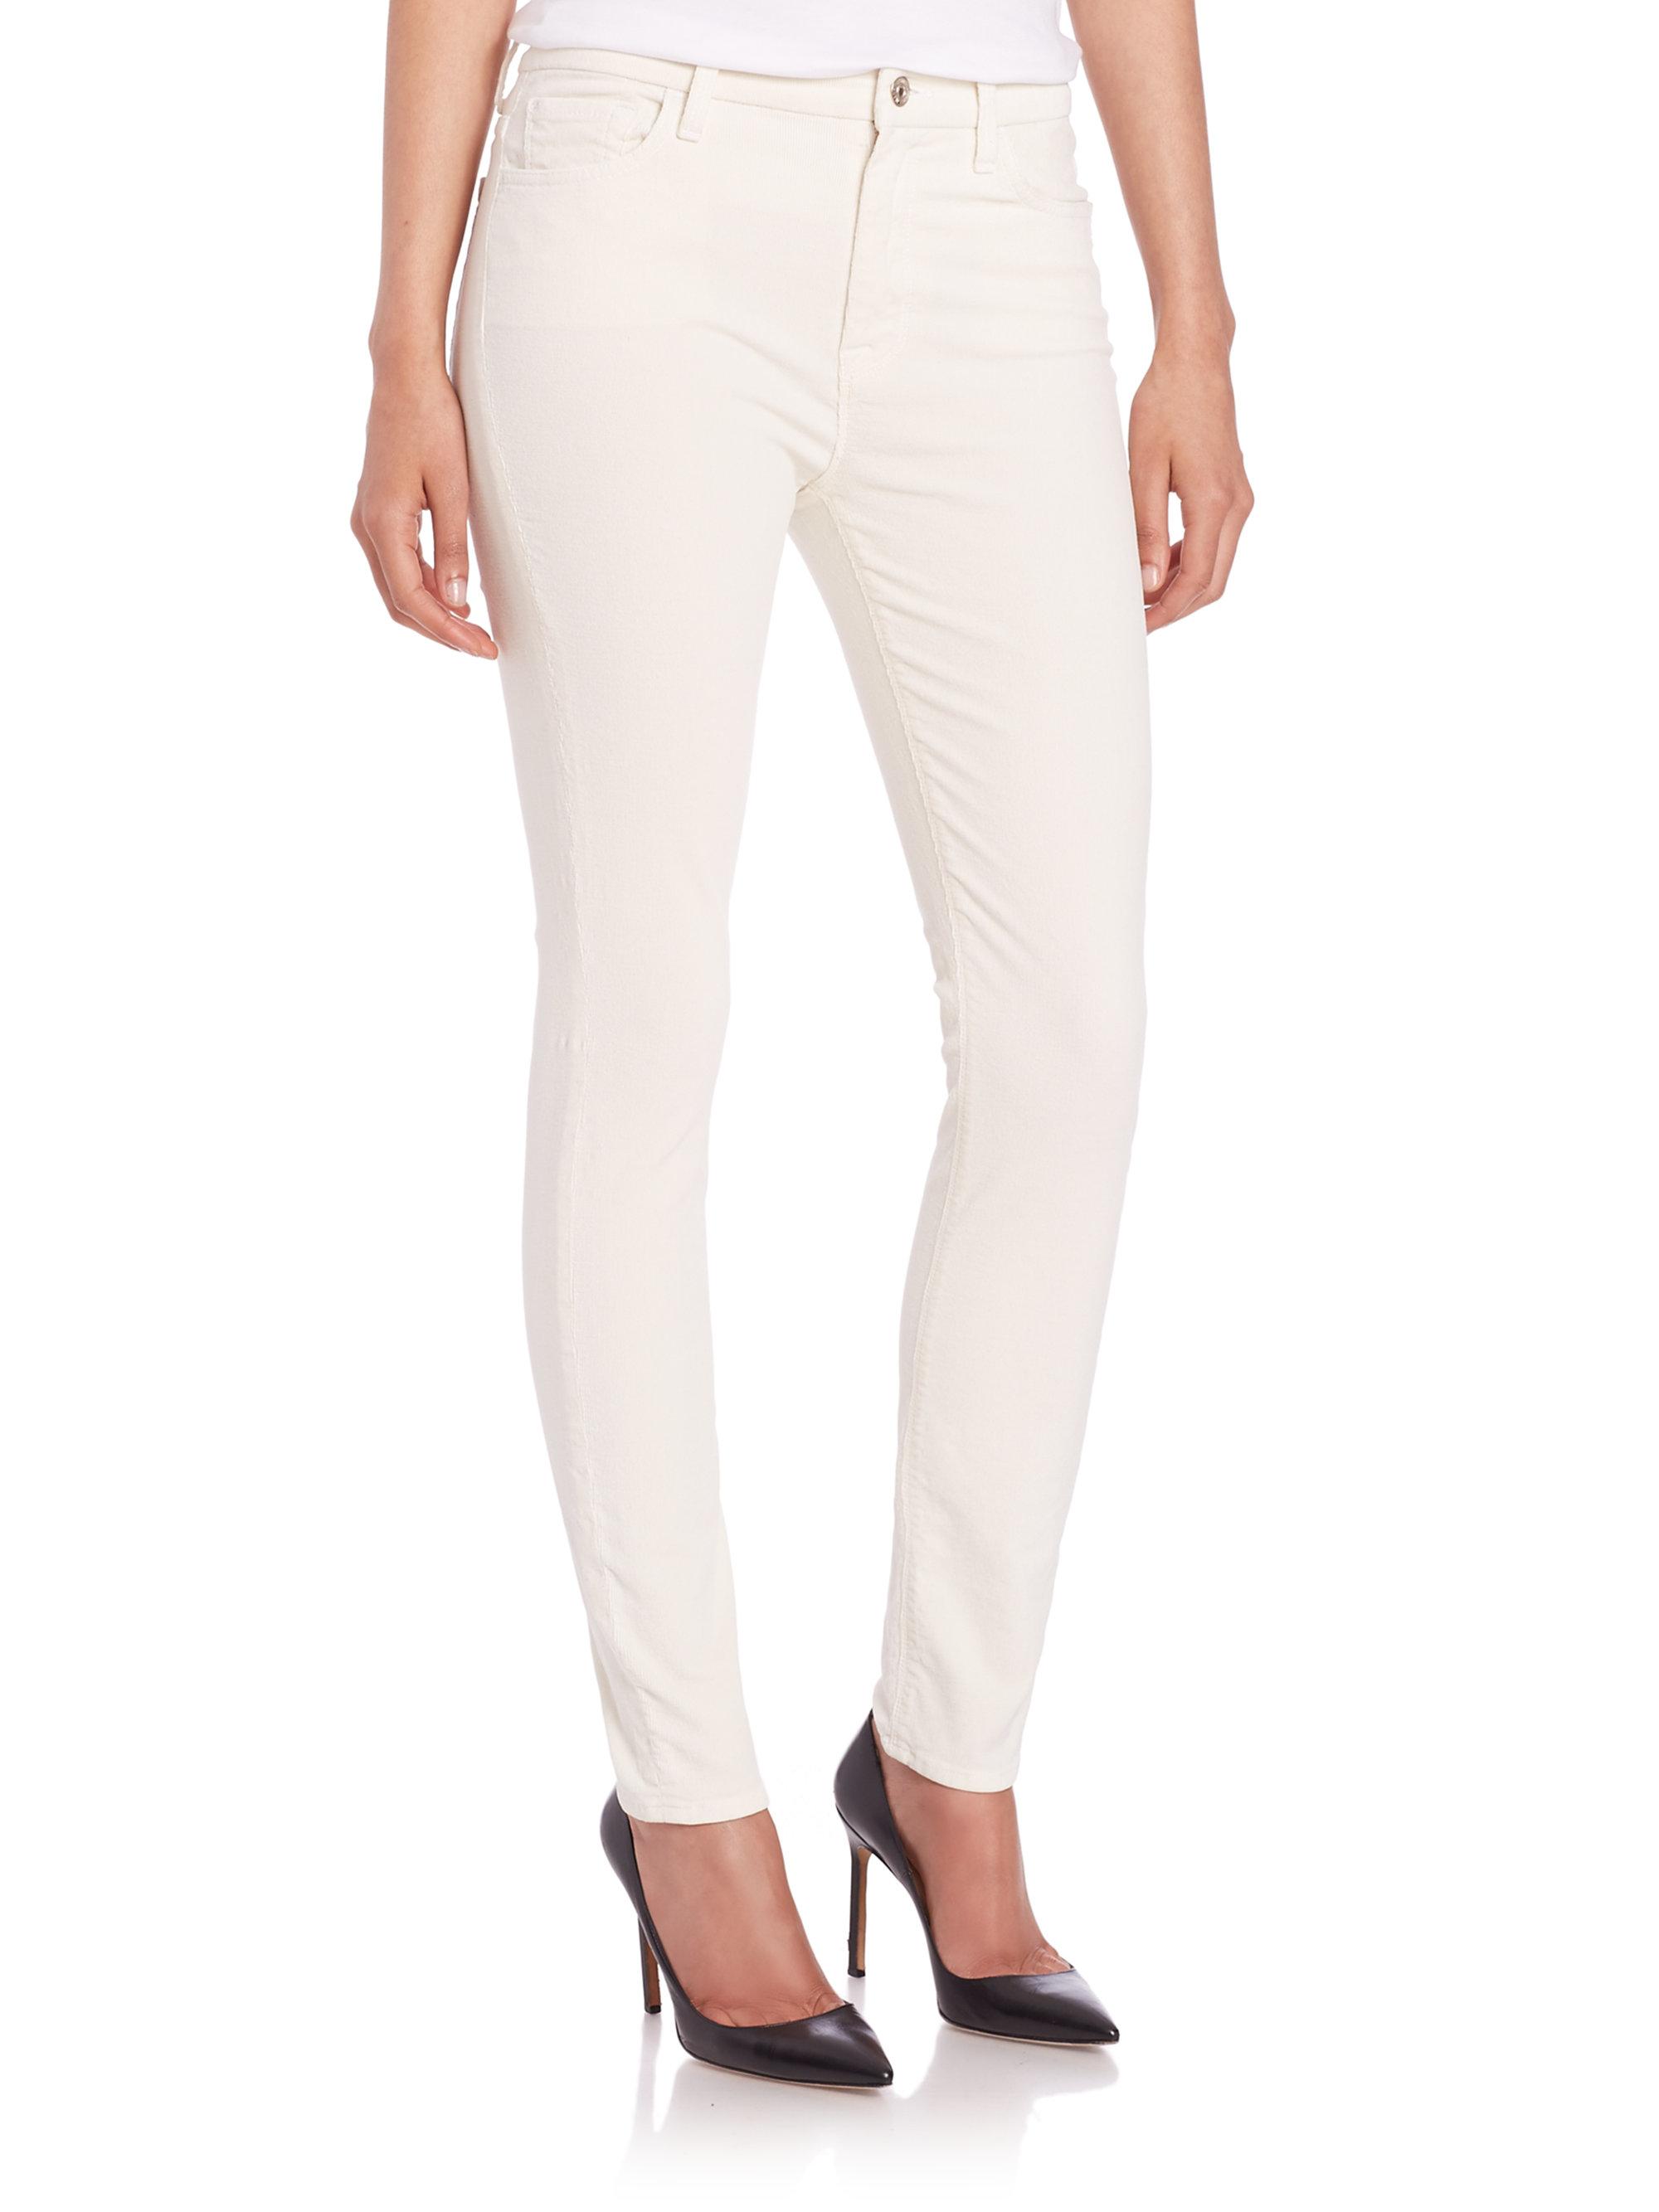 Skinny jeans dames 2015